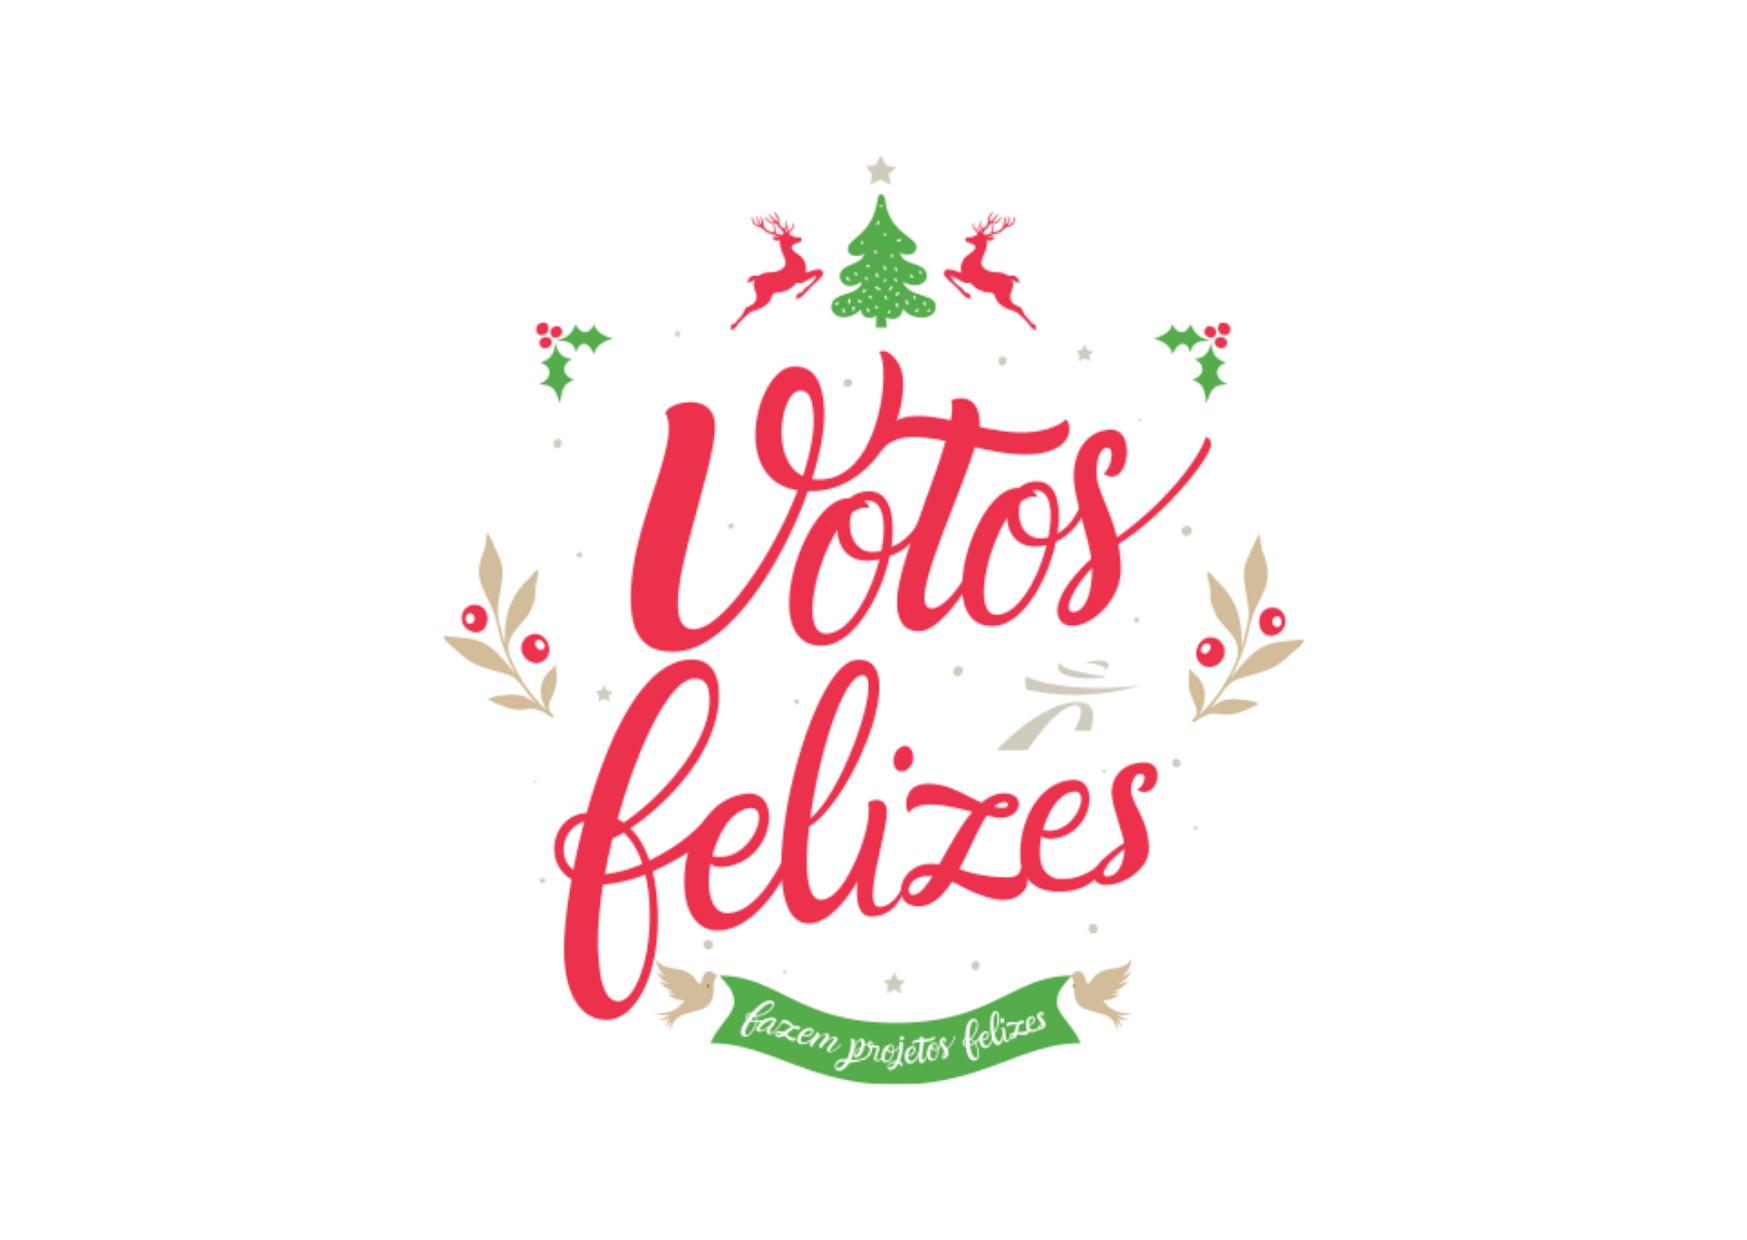 Votos Felizes